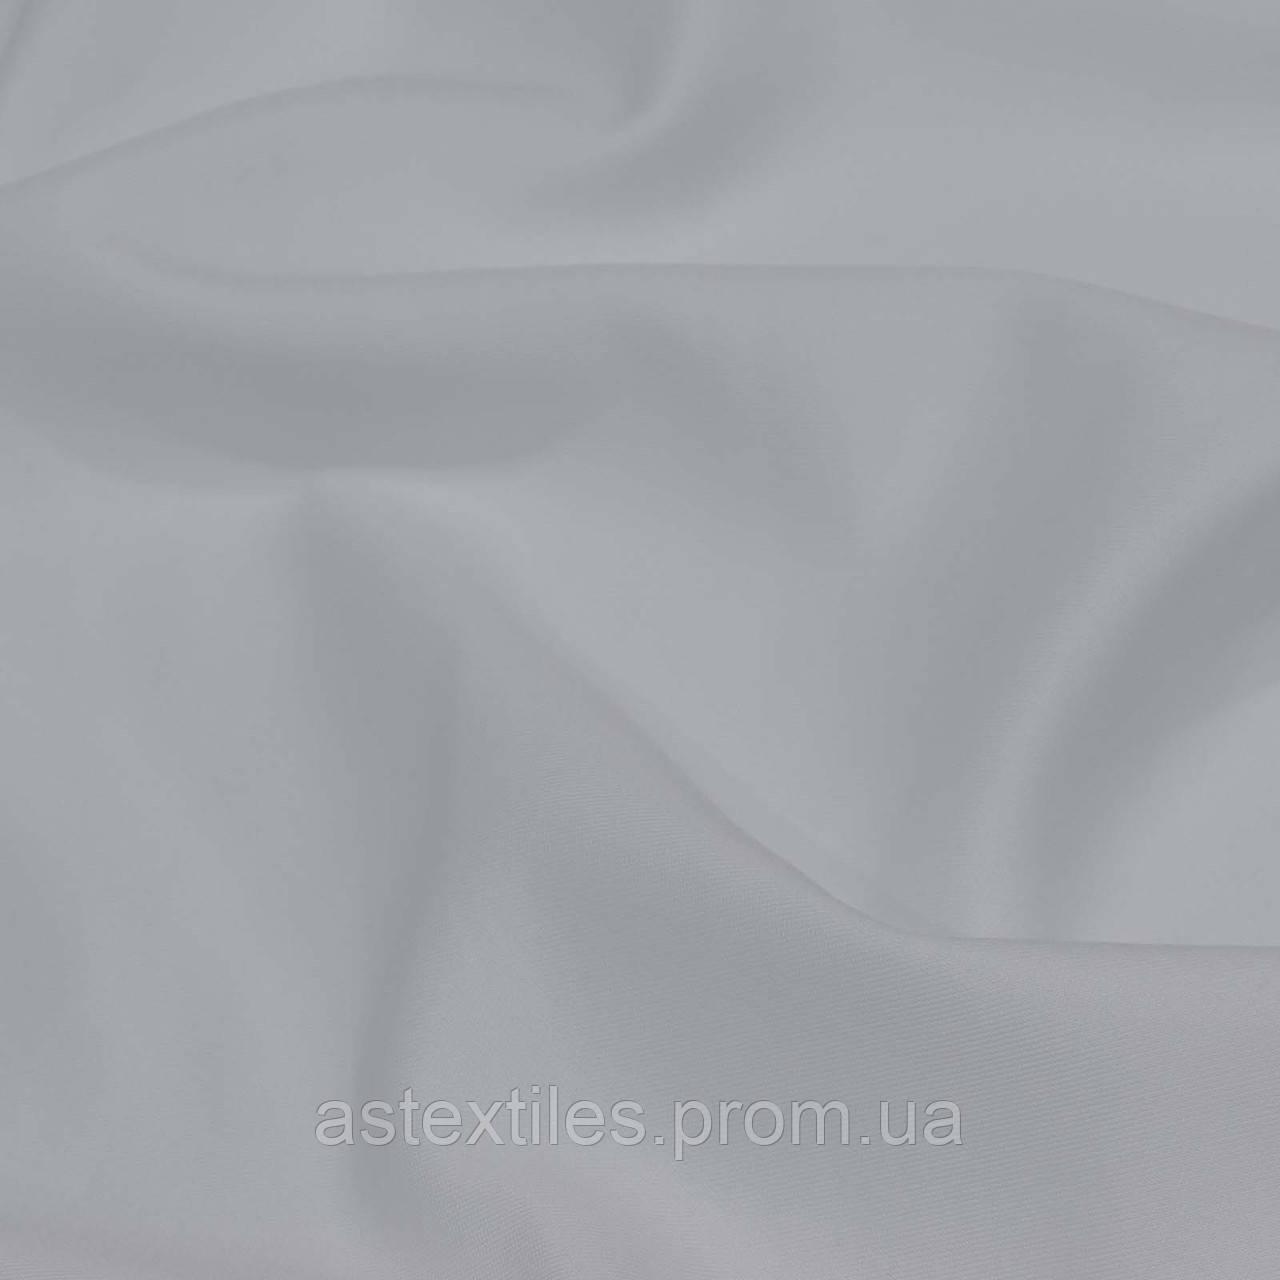 Трикотаж дайвинг (белый)